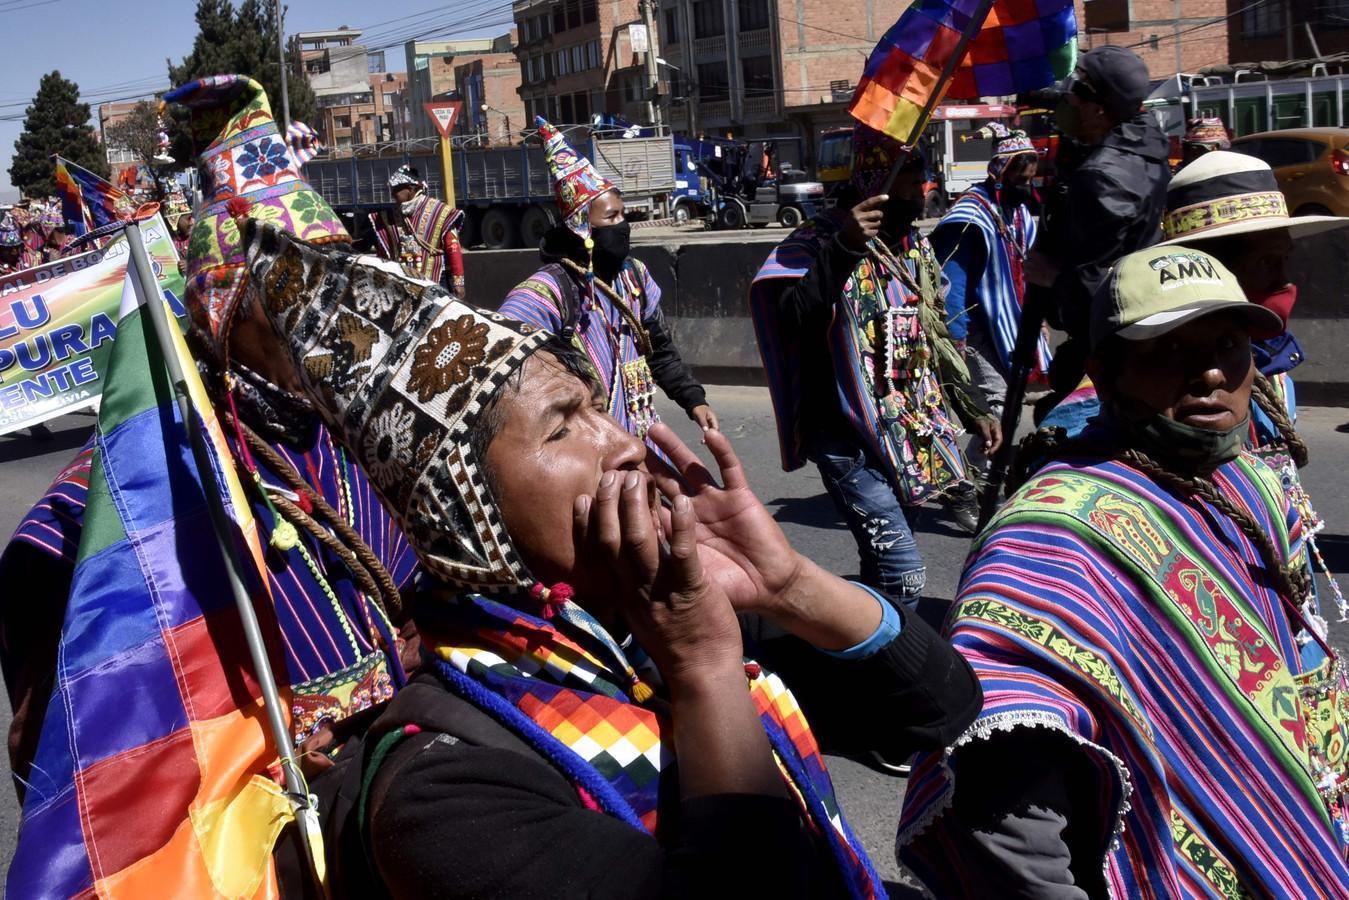 Aanhangers van de afgezette president Evo Morales demonstreren in La Paz. Ze eisen dat de verkiezingen op 6 september worden gehouden in plaats van op 18 oktober.